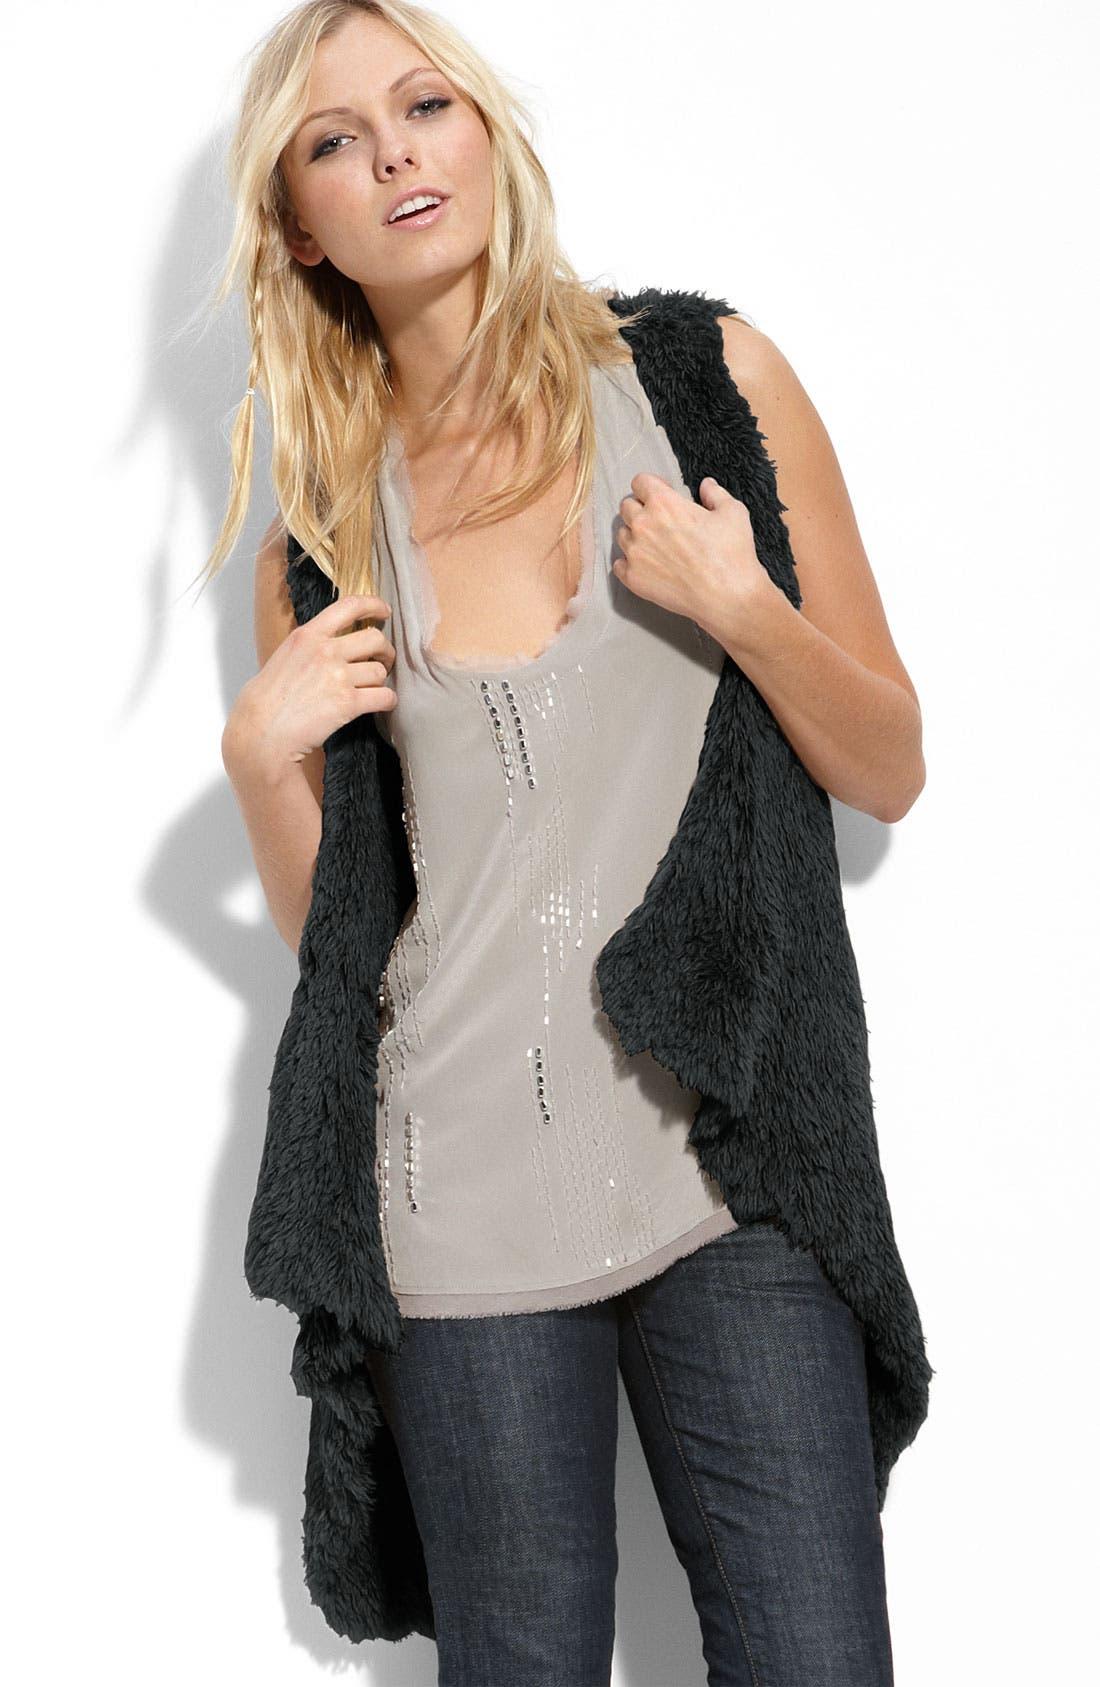 KENSIE 'Shaggy' Faux Fur Vest, Main, color, 001